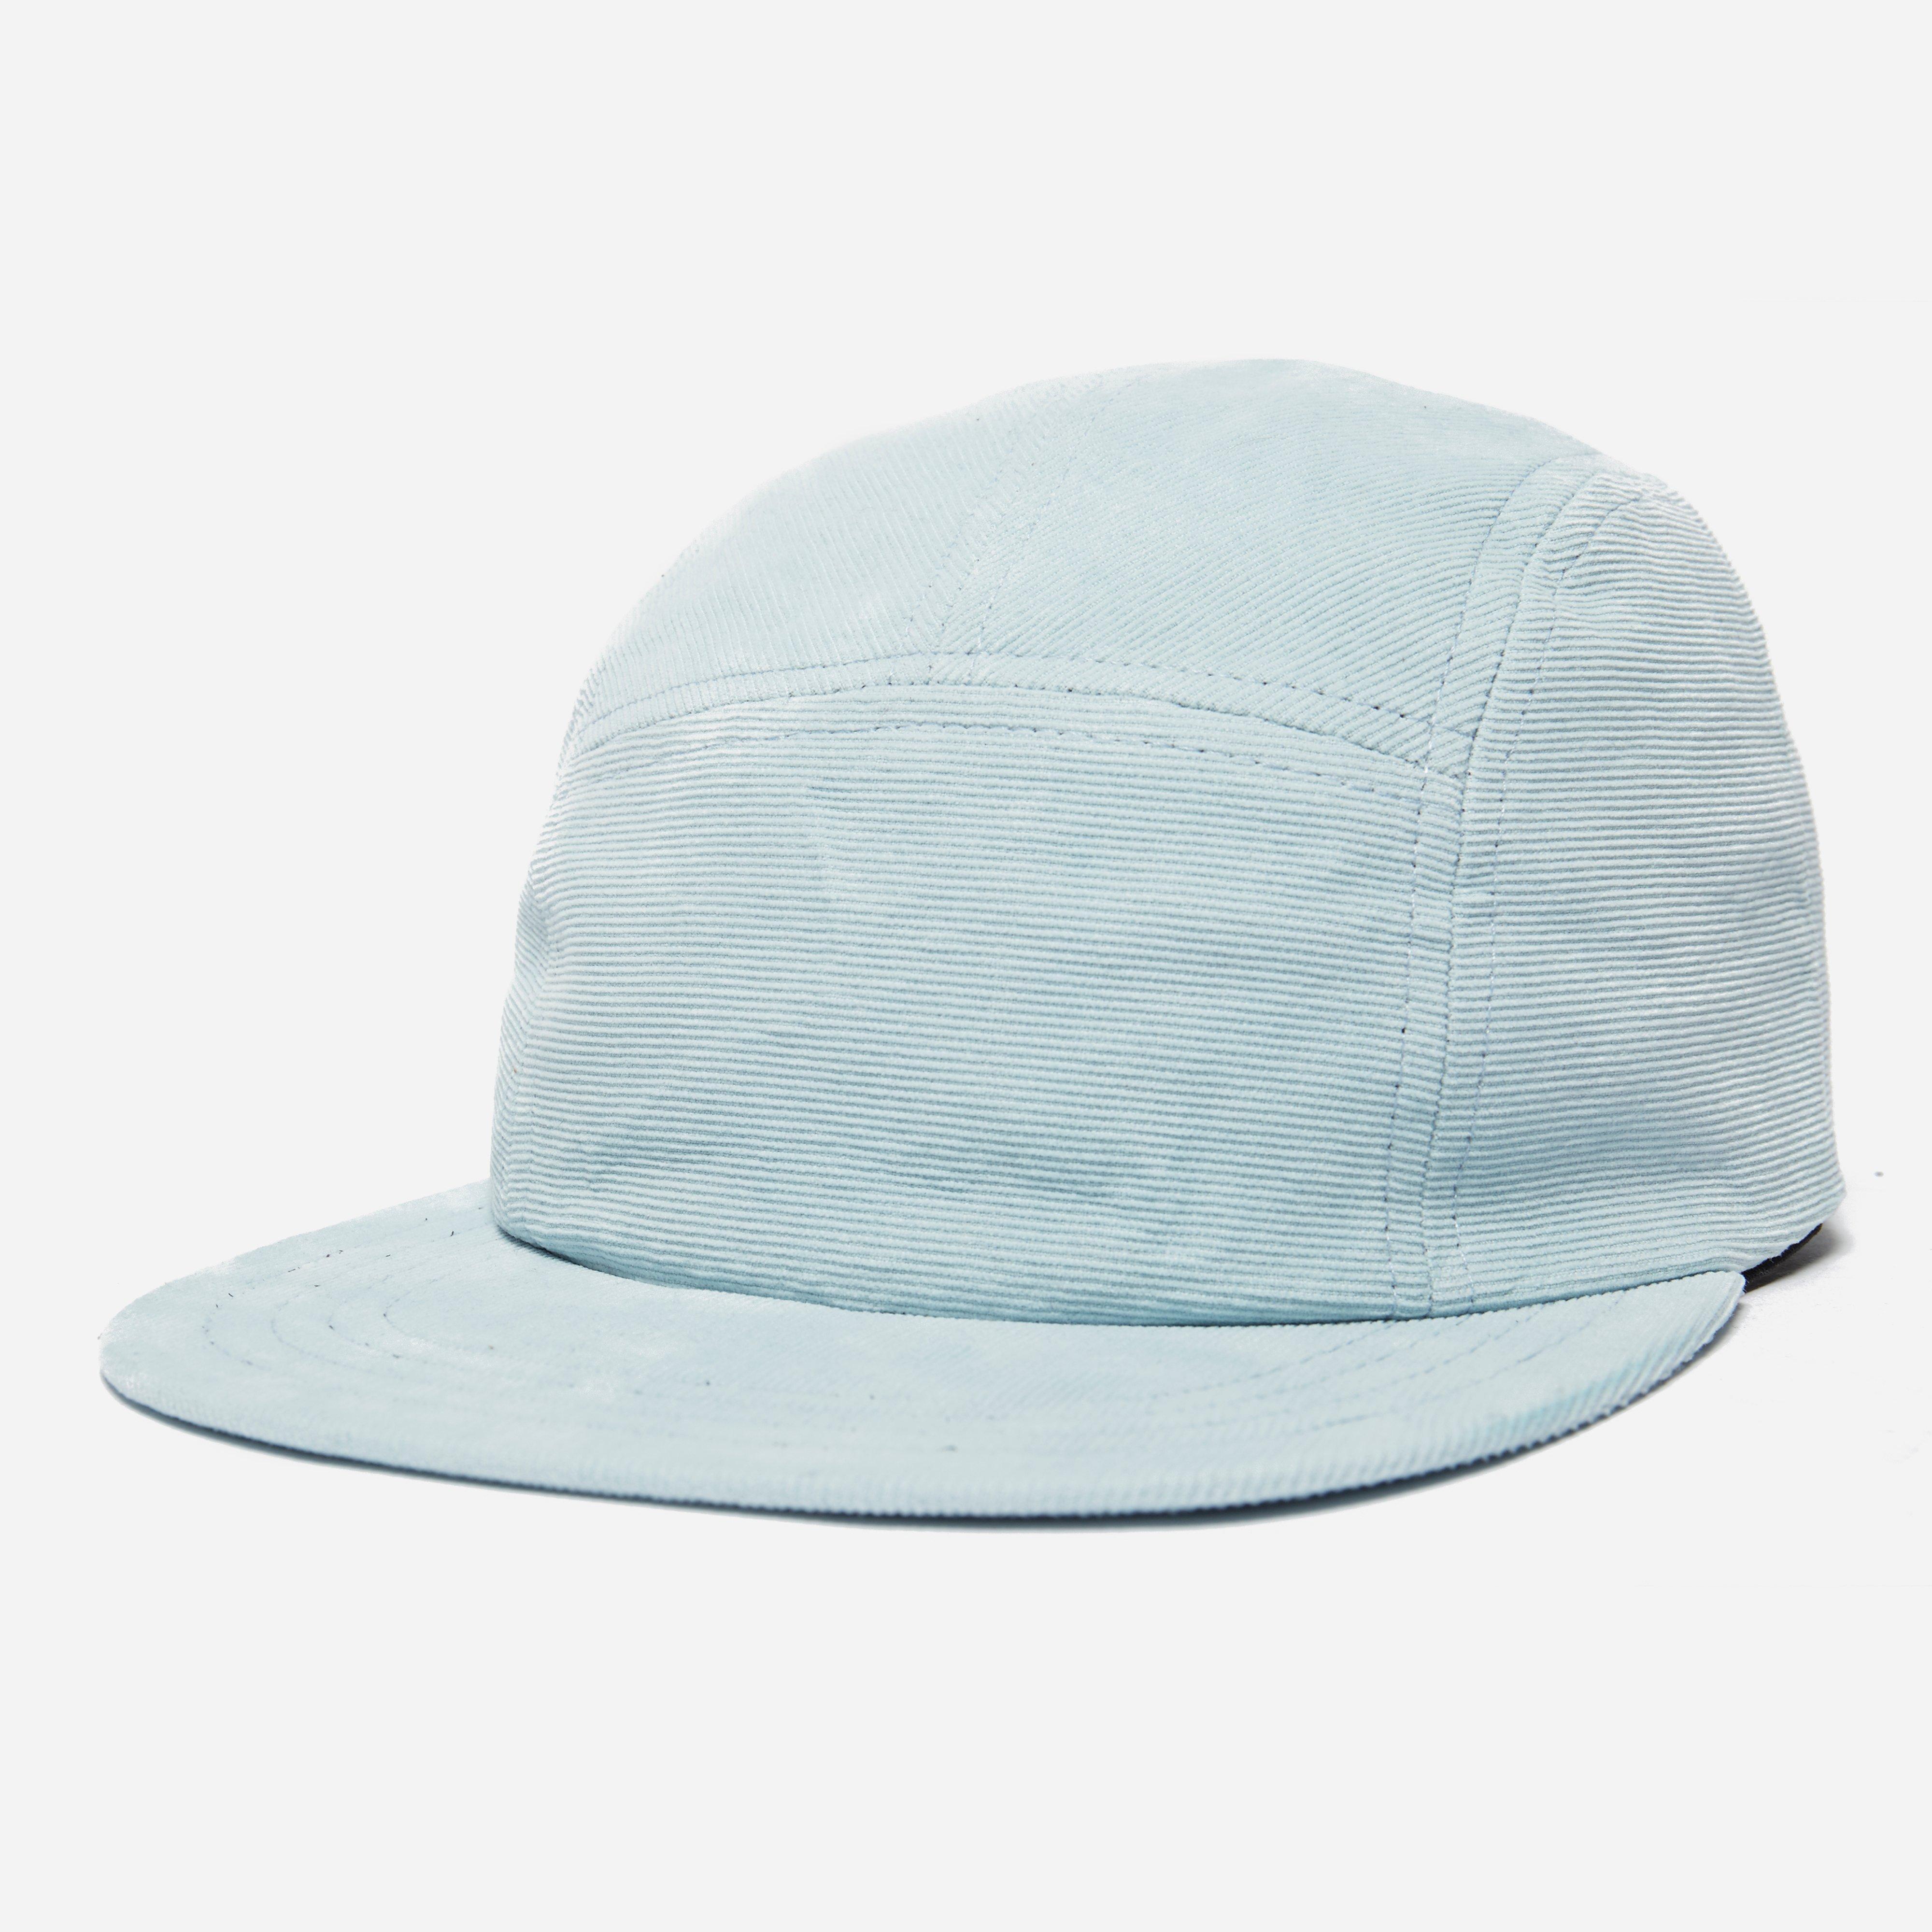 d4de6669e3b Les Basics Le Peak Corduroy Cap in Blue for Men - Lyst